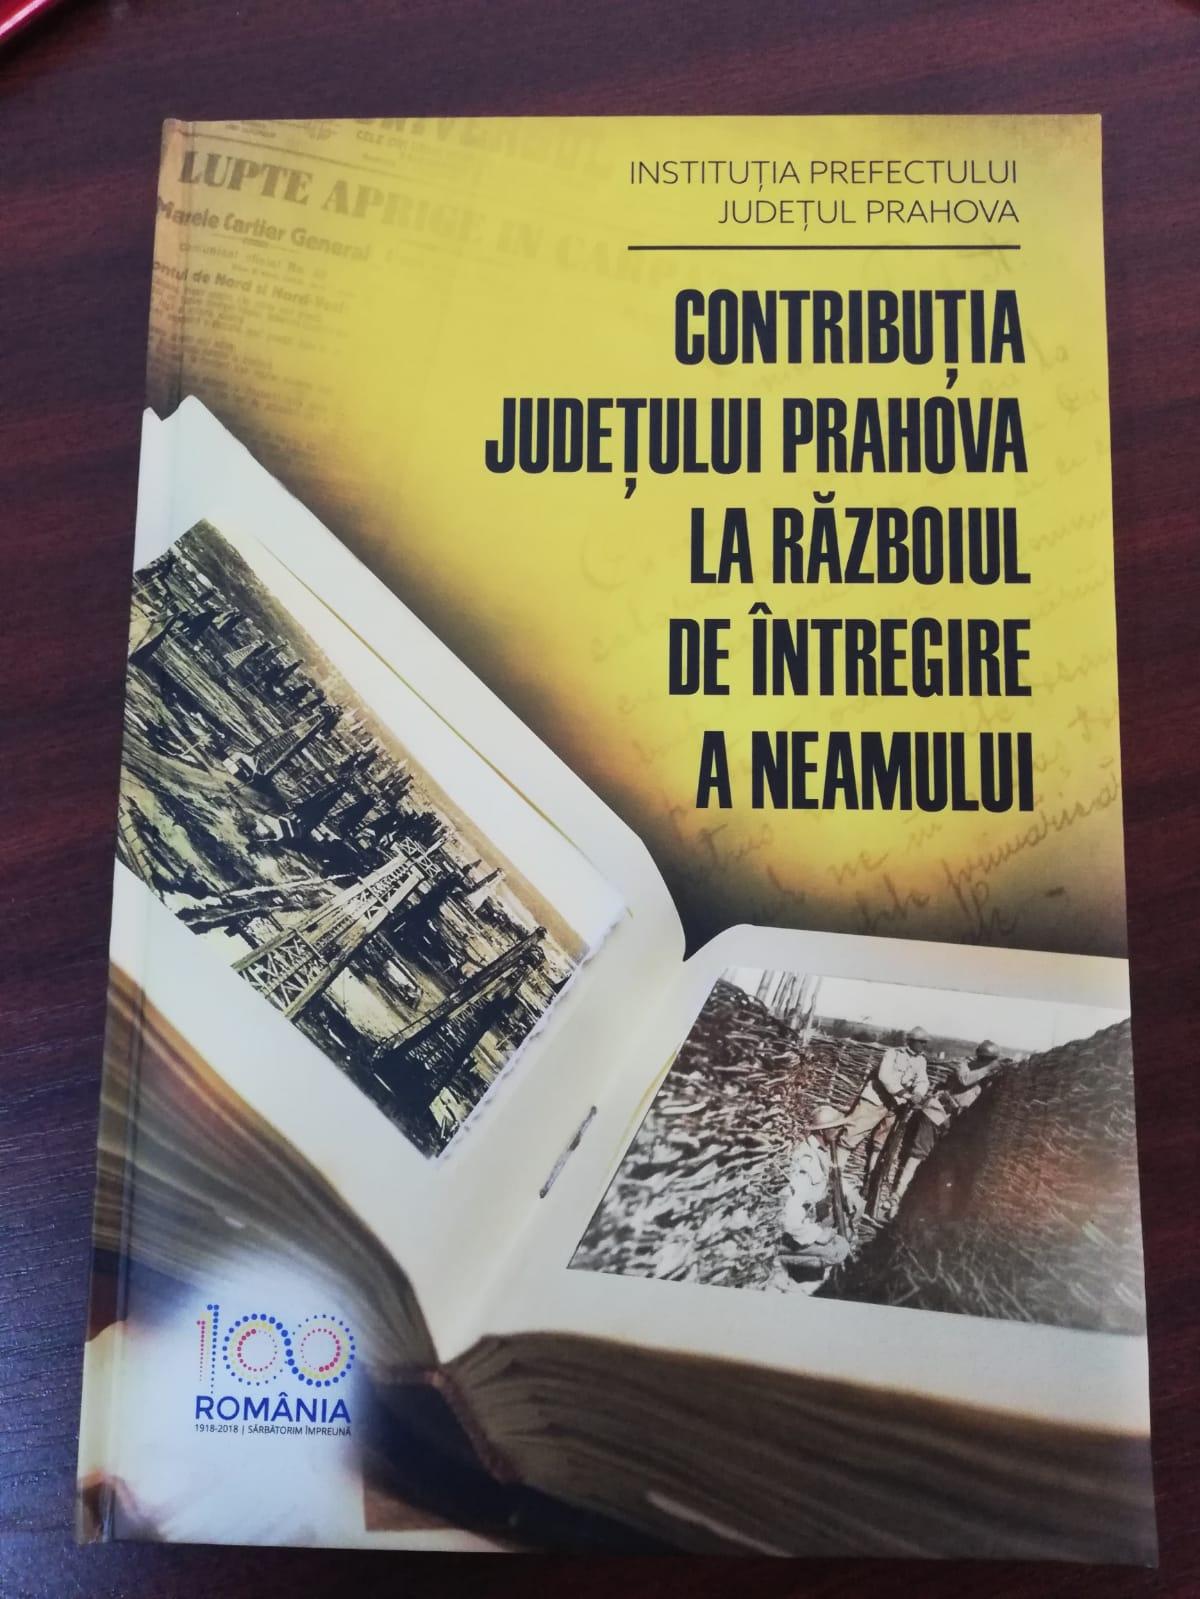 """Evenimentul de lansare a albumului """"Contribuția judetului Prahova la Războiul de Întregire a Neamulu"""